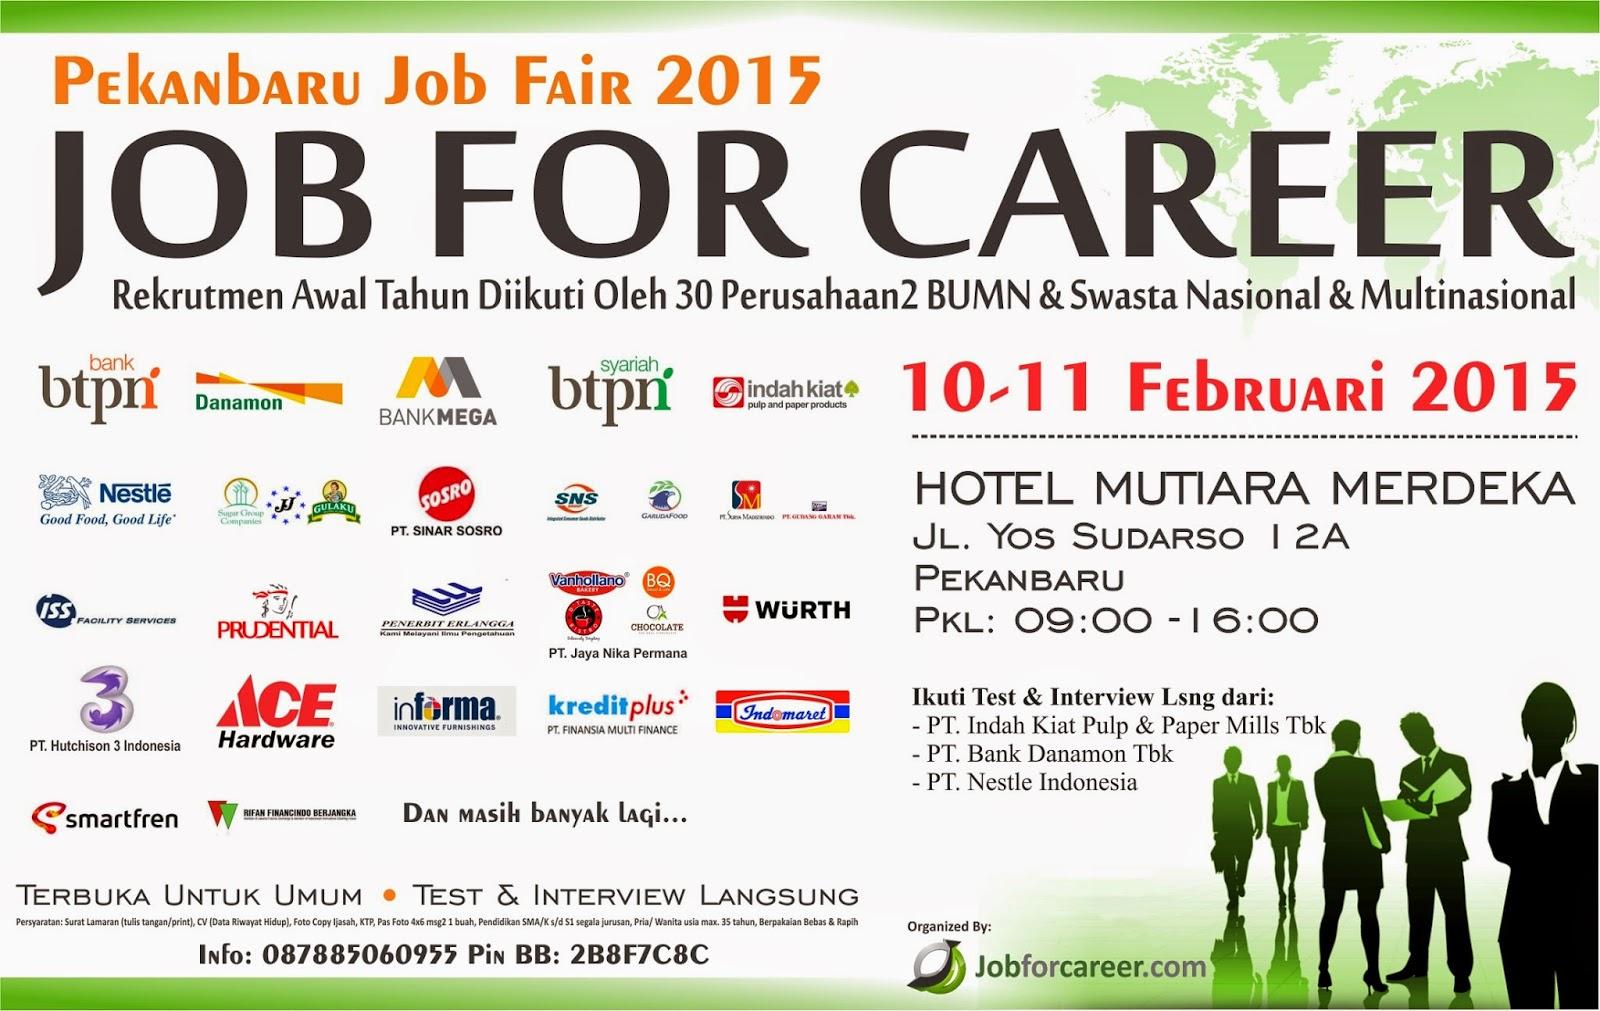 Pekanbaru Job Fair 2015